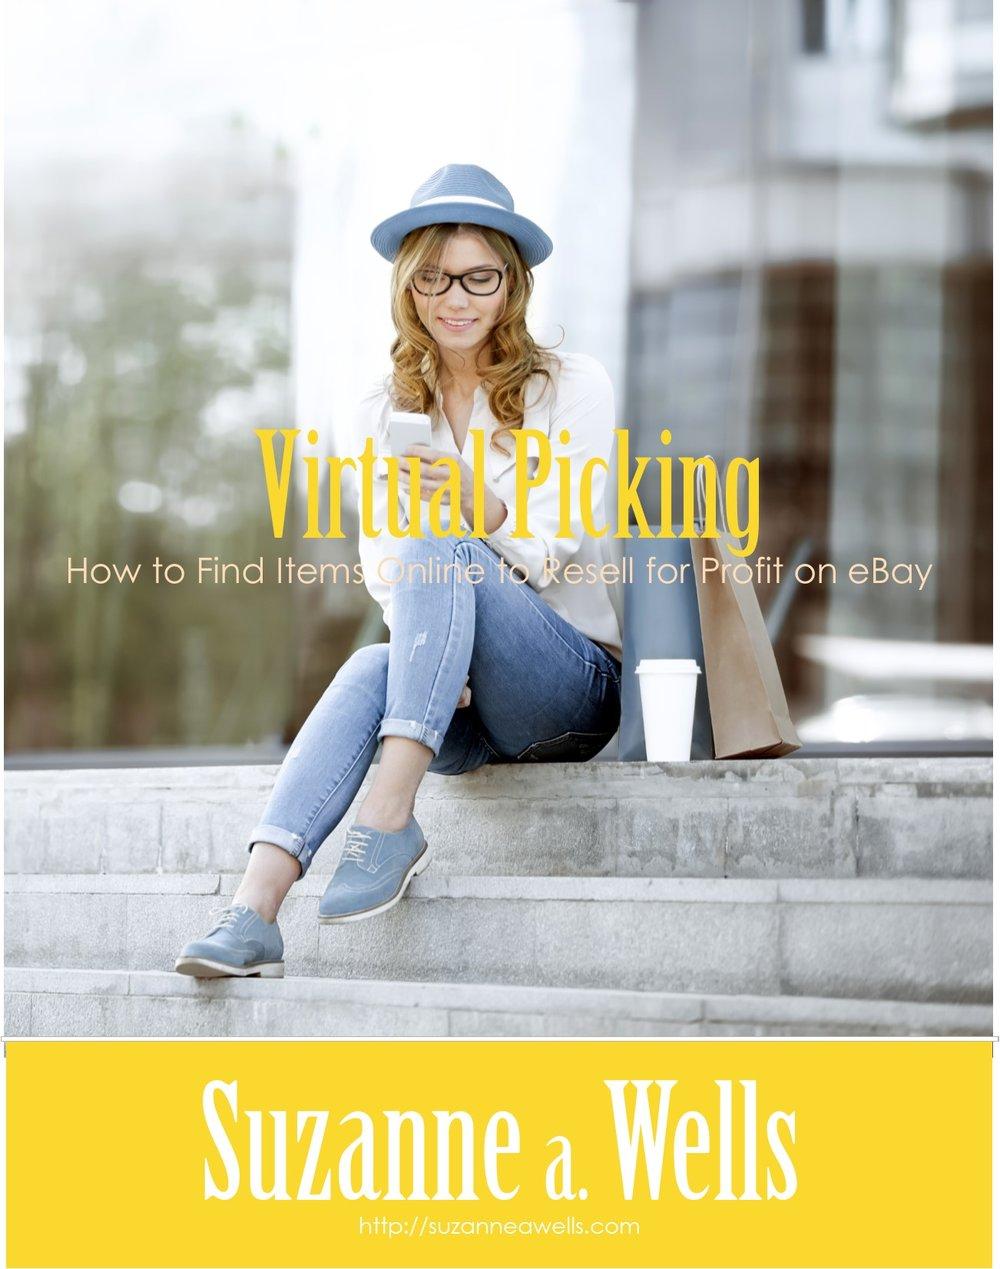 Suzanne Wells